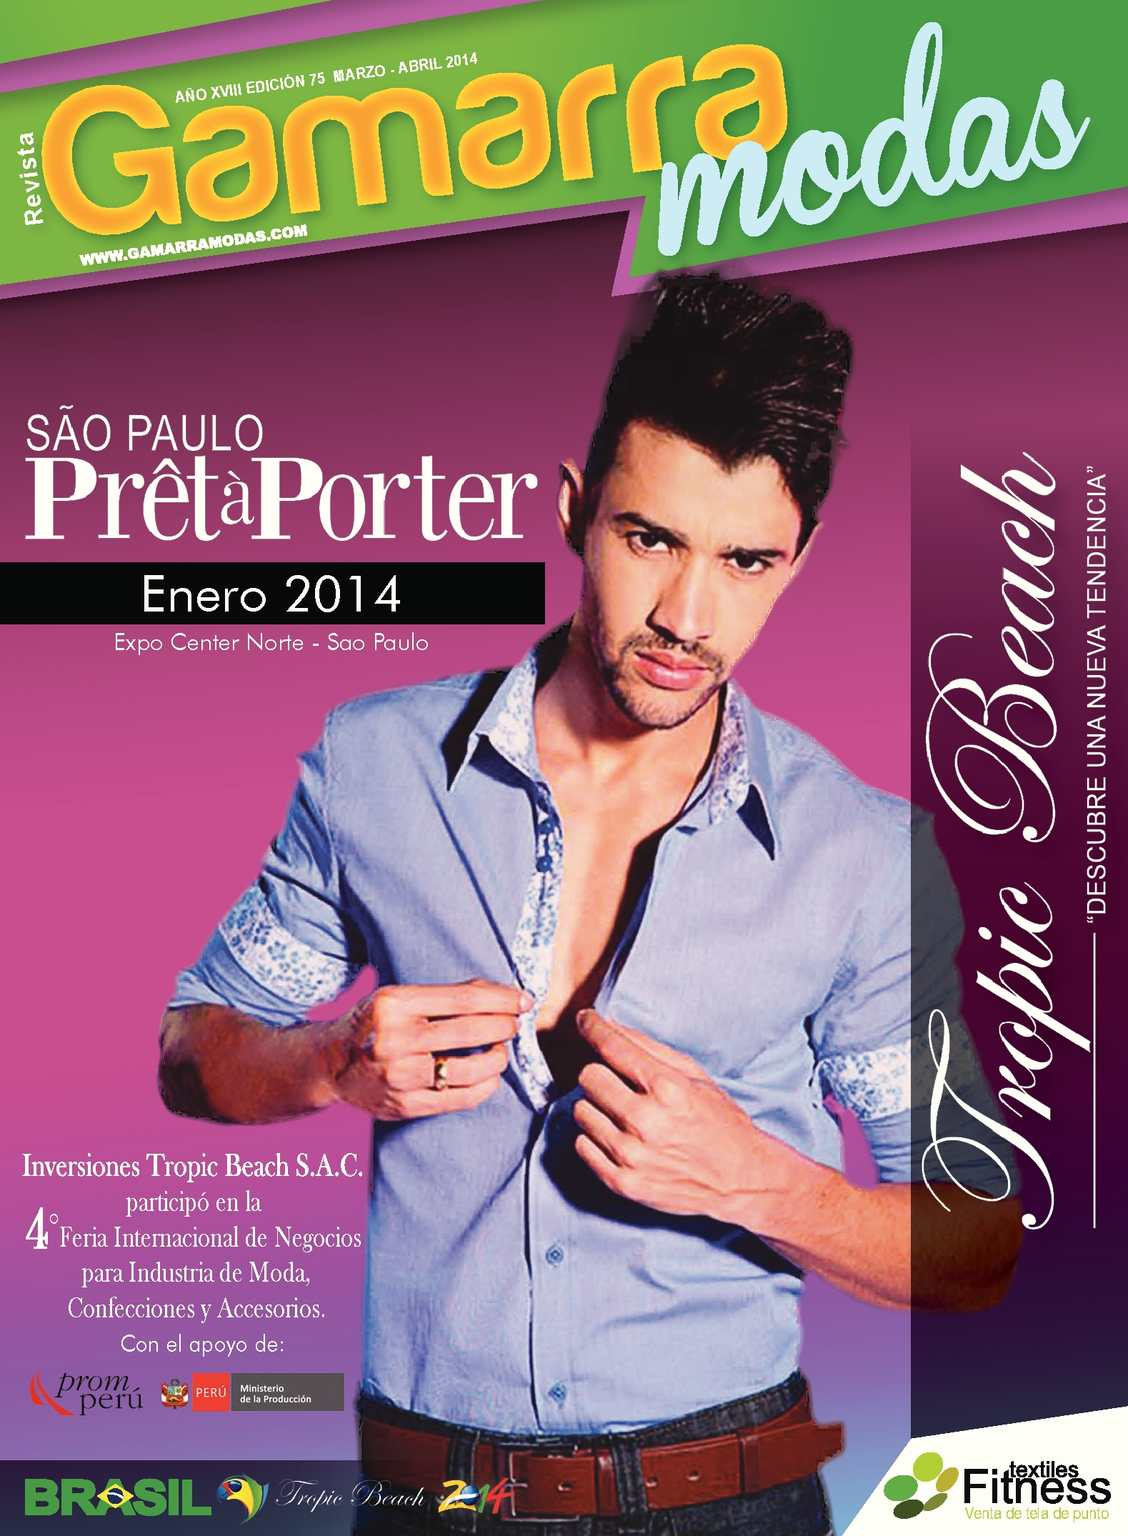 Calaméo - Revista Gamarra Modas - Edición 75